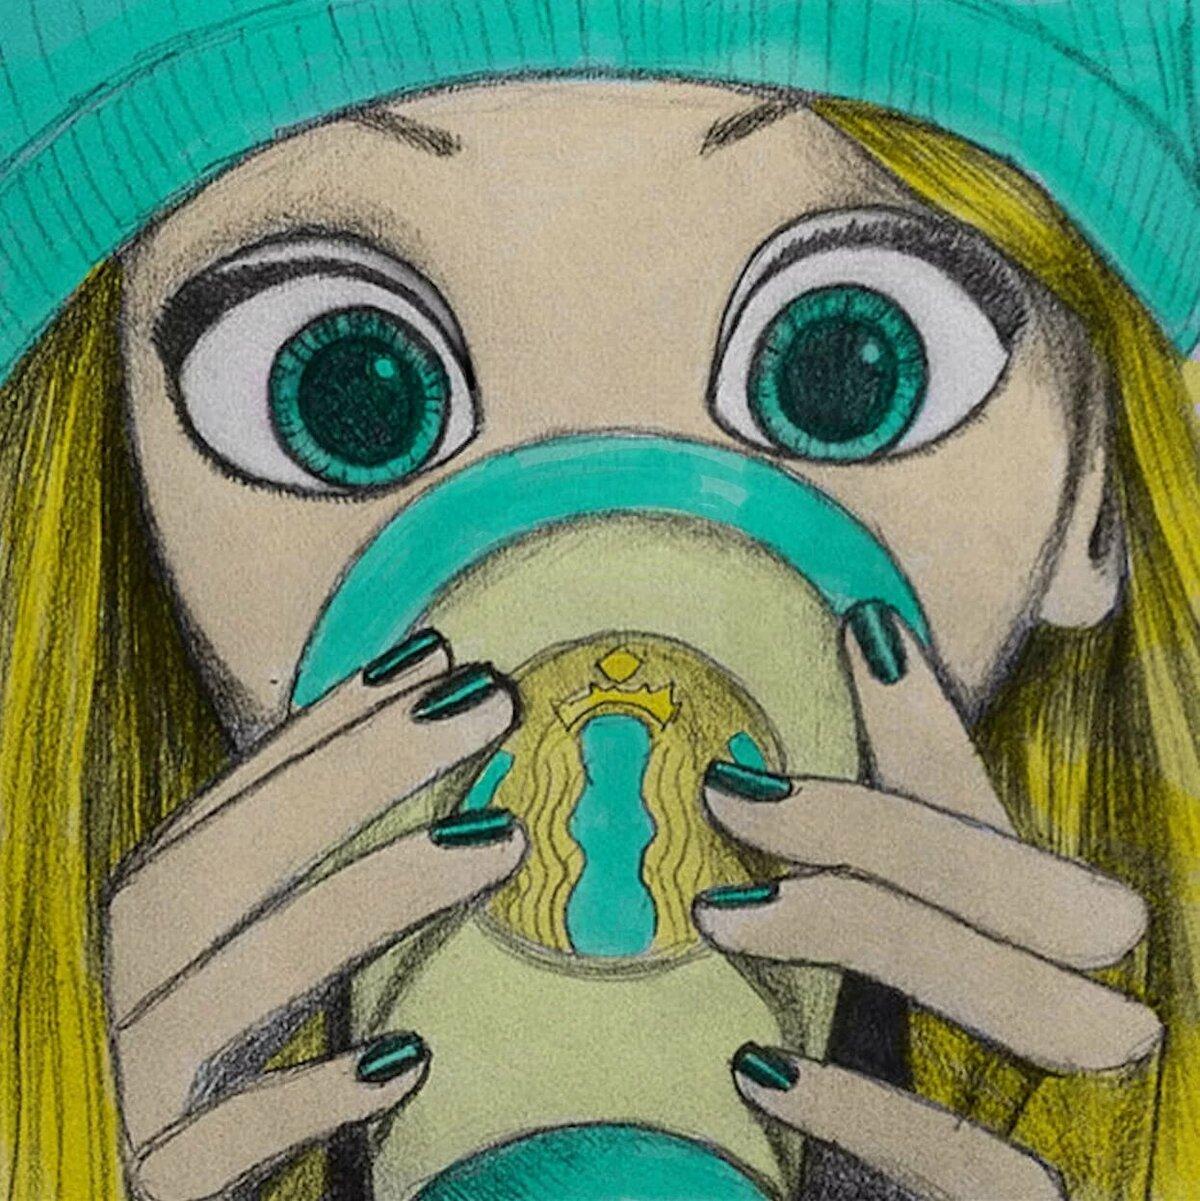 Открытка квиллинг, картинки нарисованные карандашом прикольные девушки